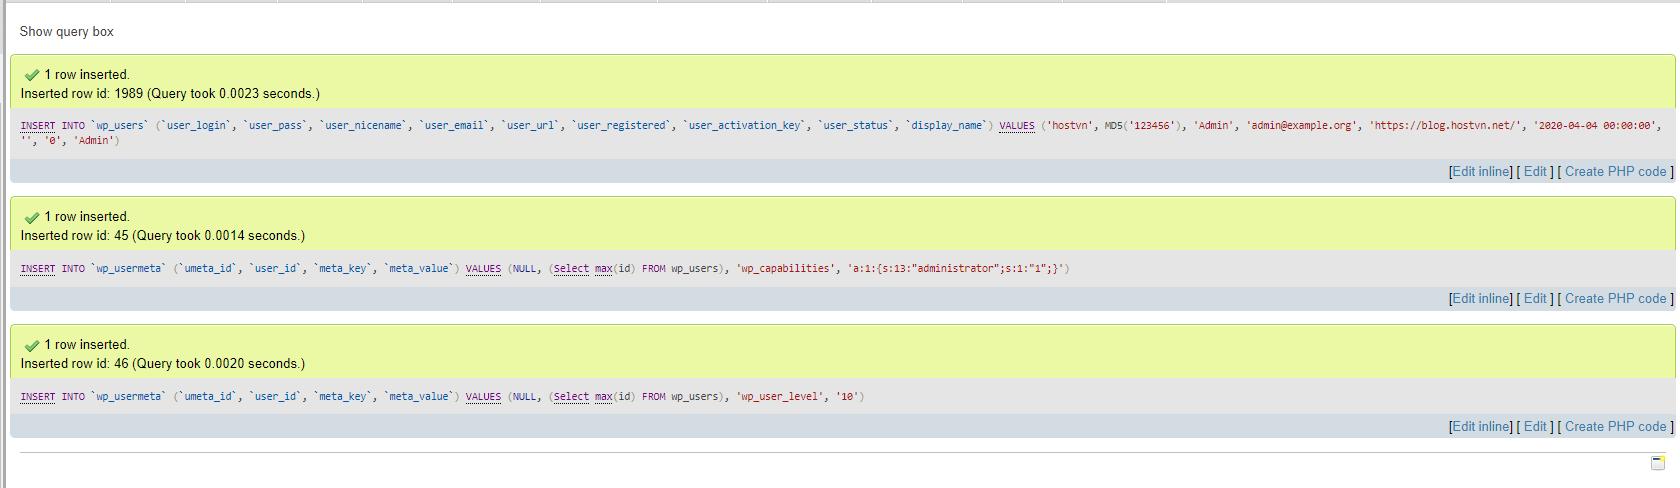 Screenshot_69 - không được phép truy cập wp-admin